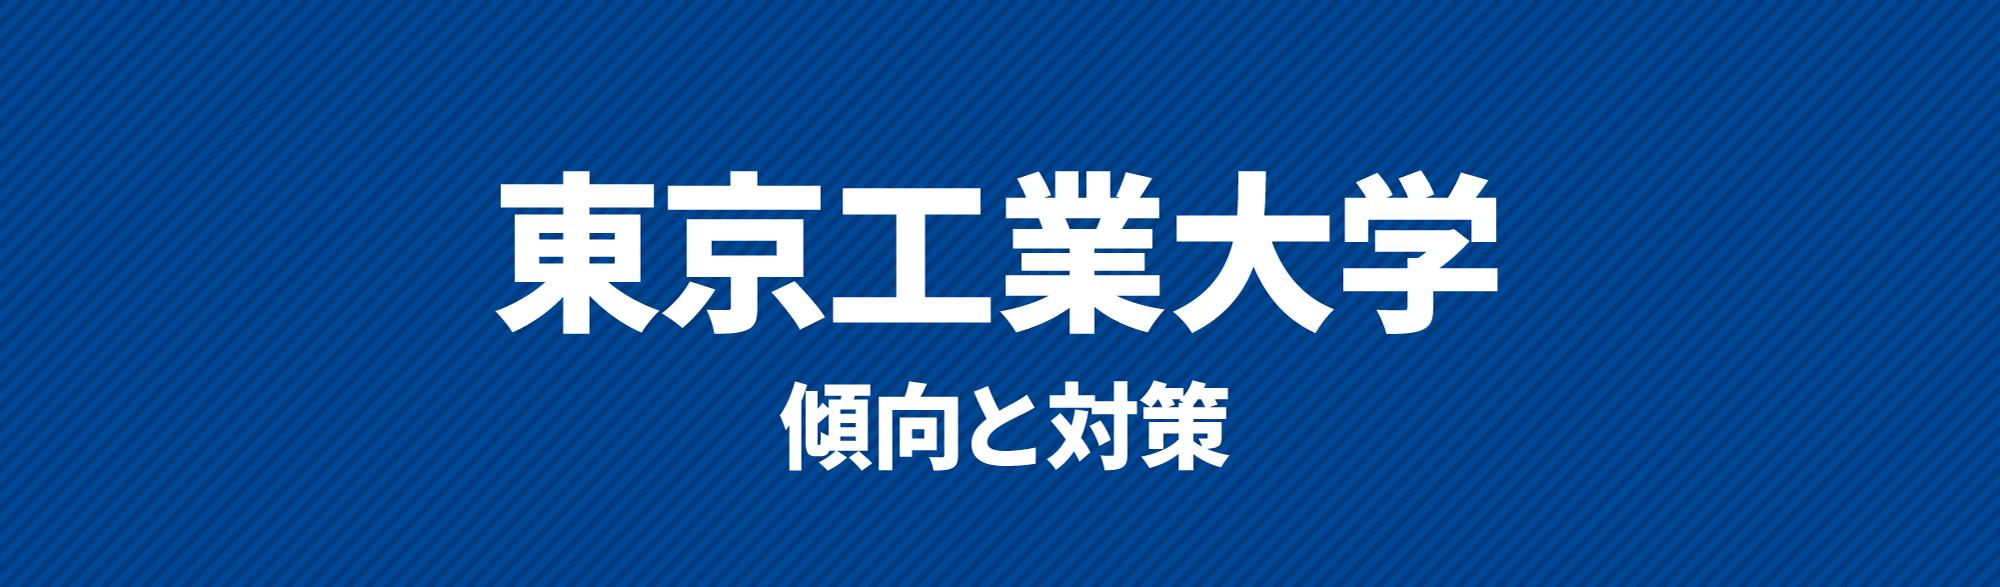 東京工業大学傾向と対策